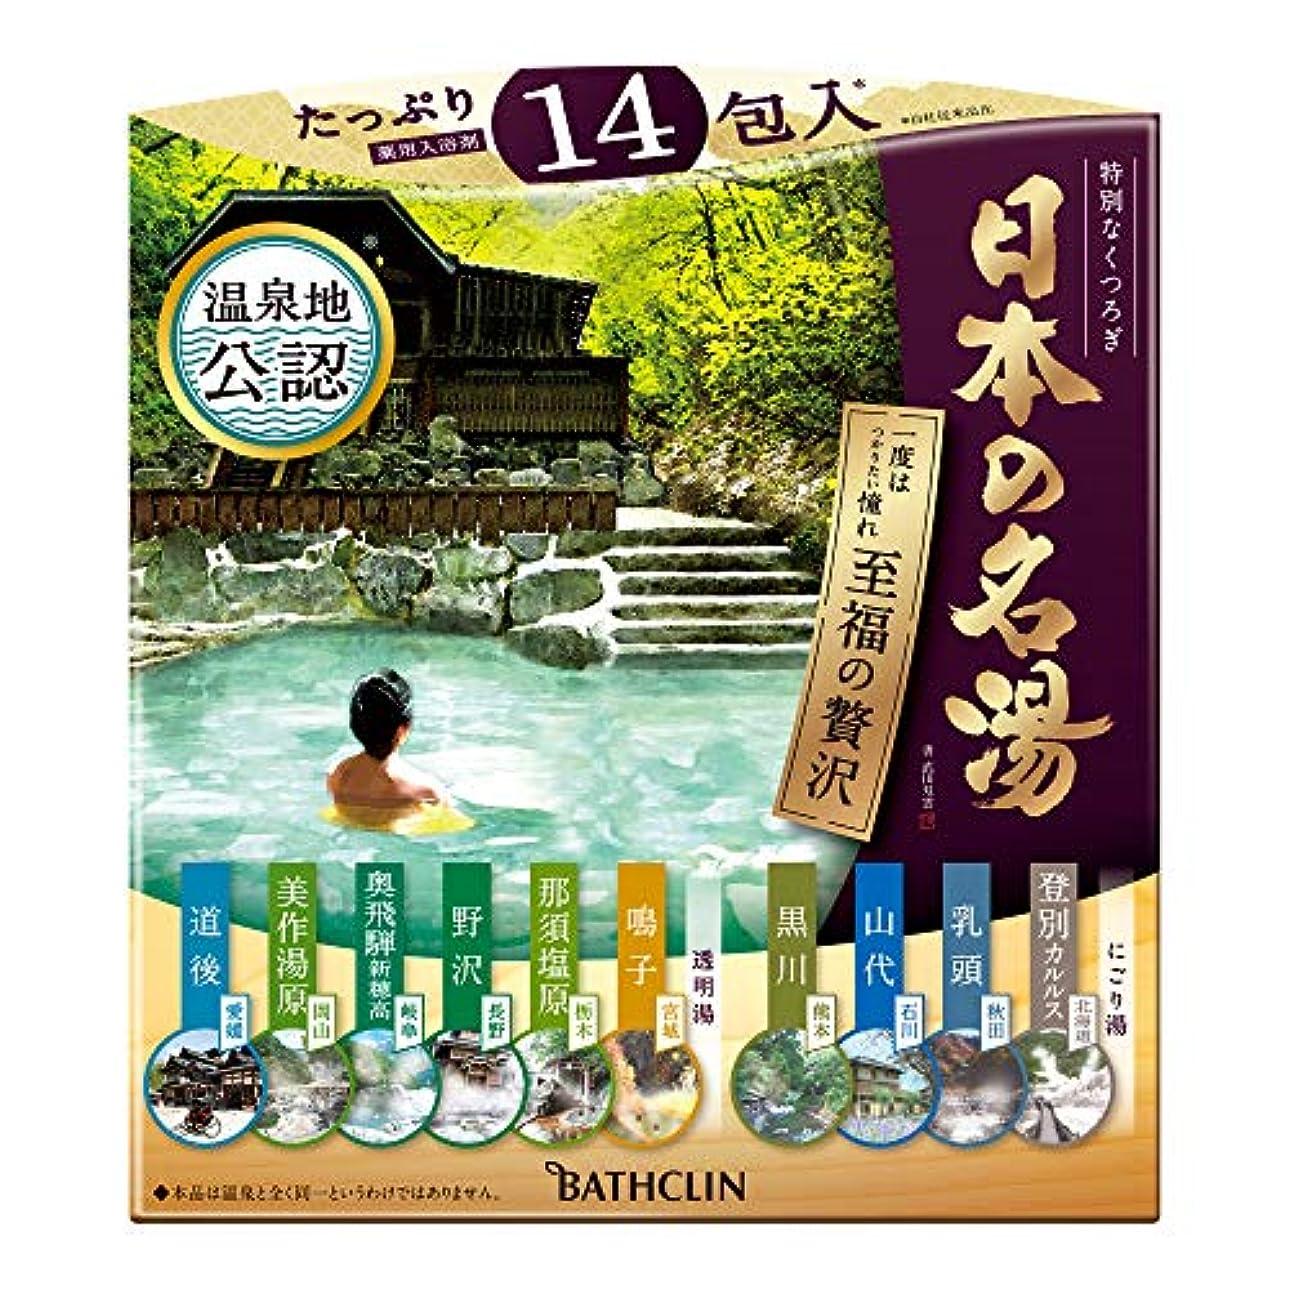 ミスバッフル平行日本の名湯 至福の贅沢 入浴剤 色と香りで情緒を表現した温泉タイプ入浴剤 セット 30g×14包